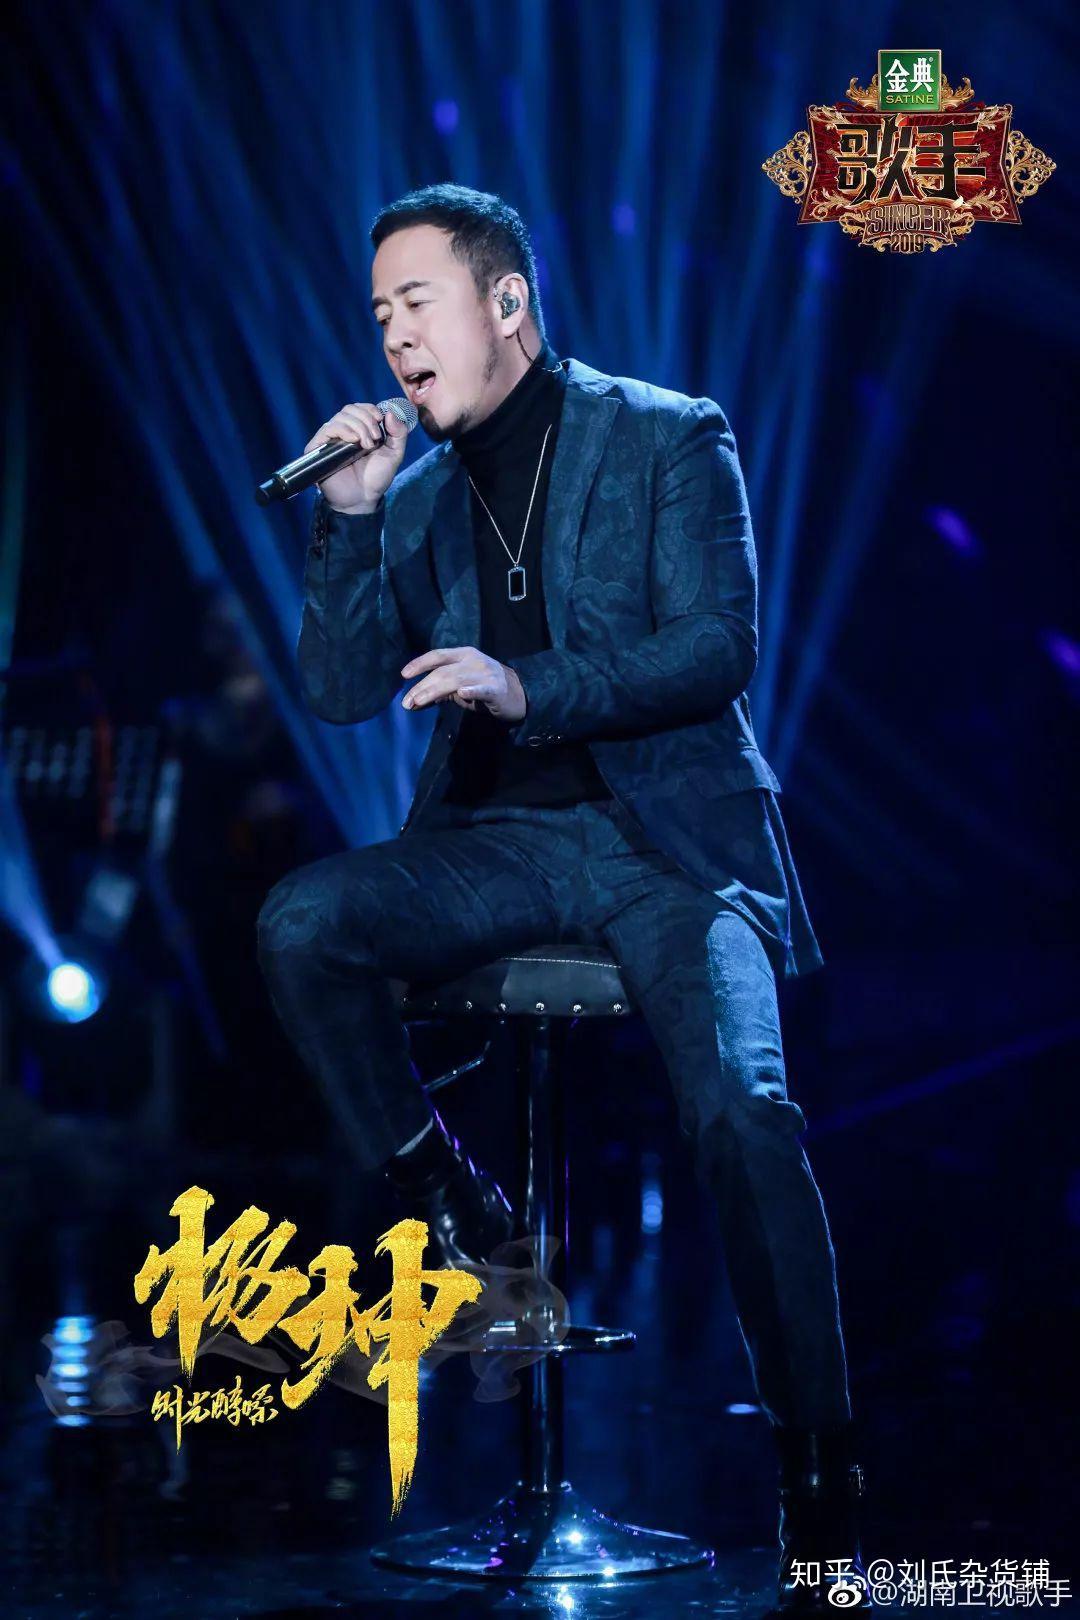 杨坤的歌曲全部 杨坤最好听的十首歌